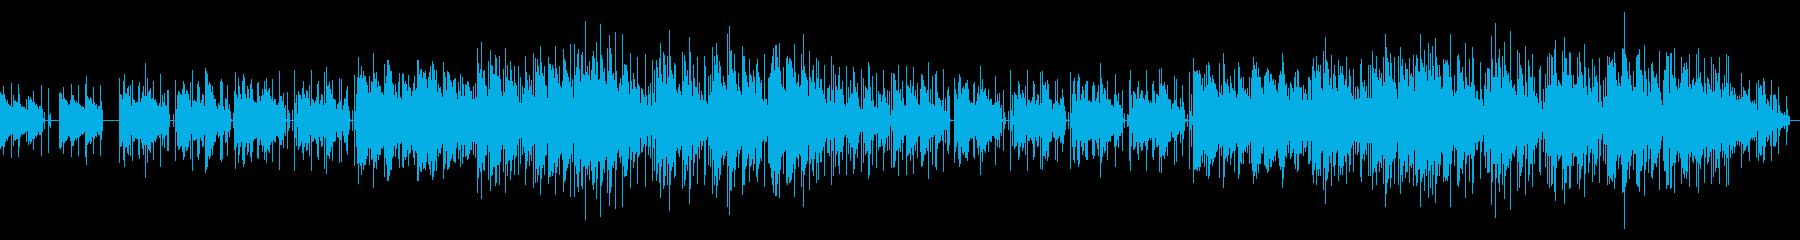 爽やかなポップ、お洒落サウンドの再生済みの波形